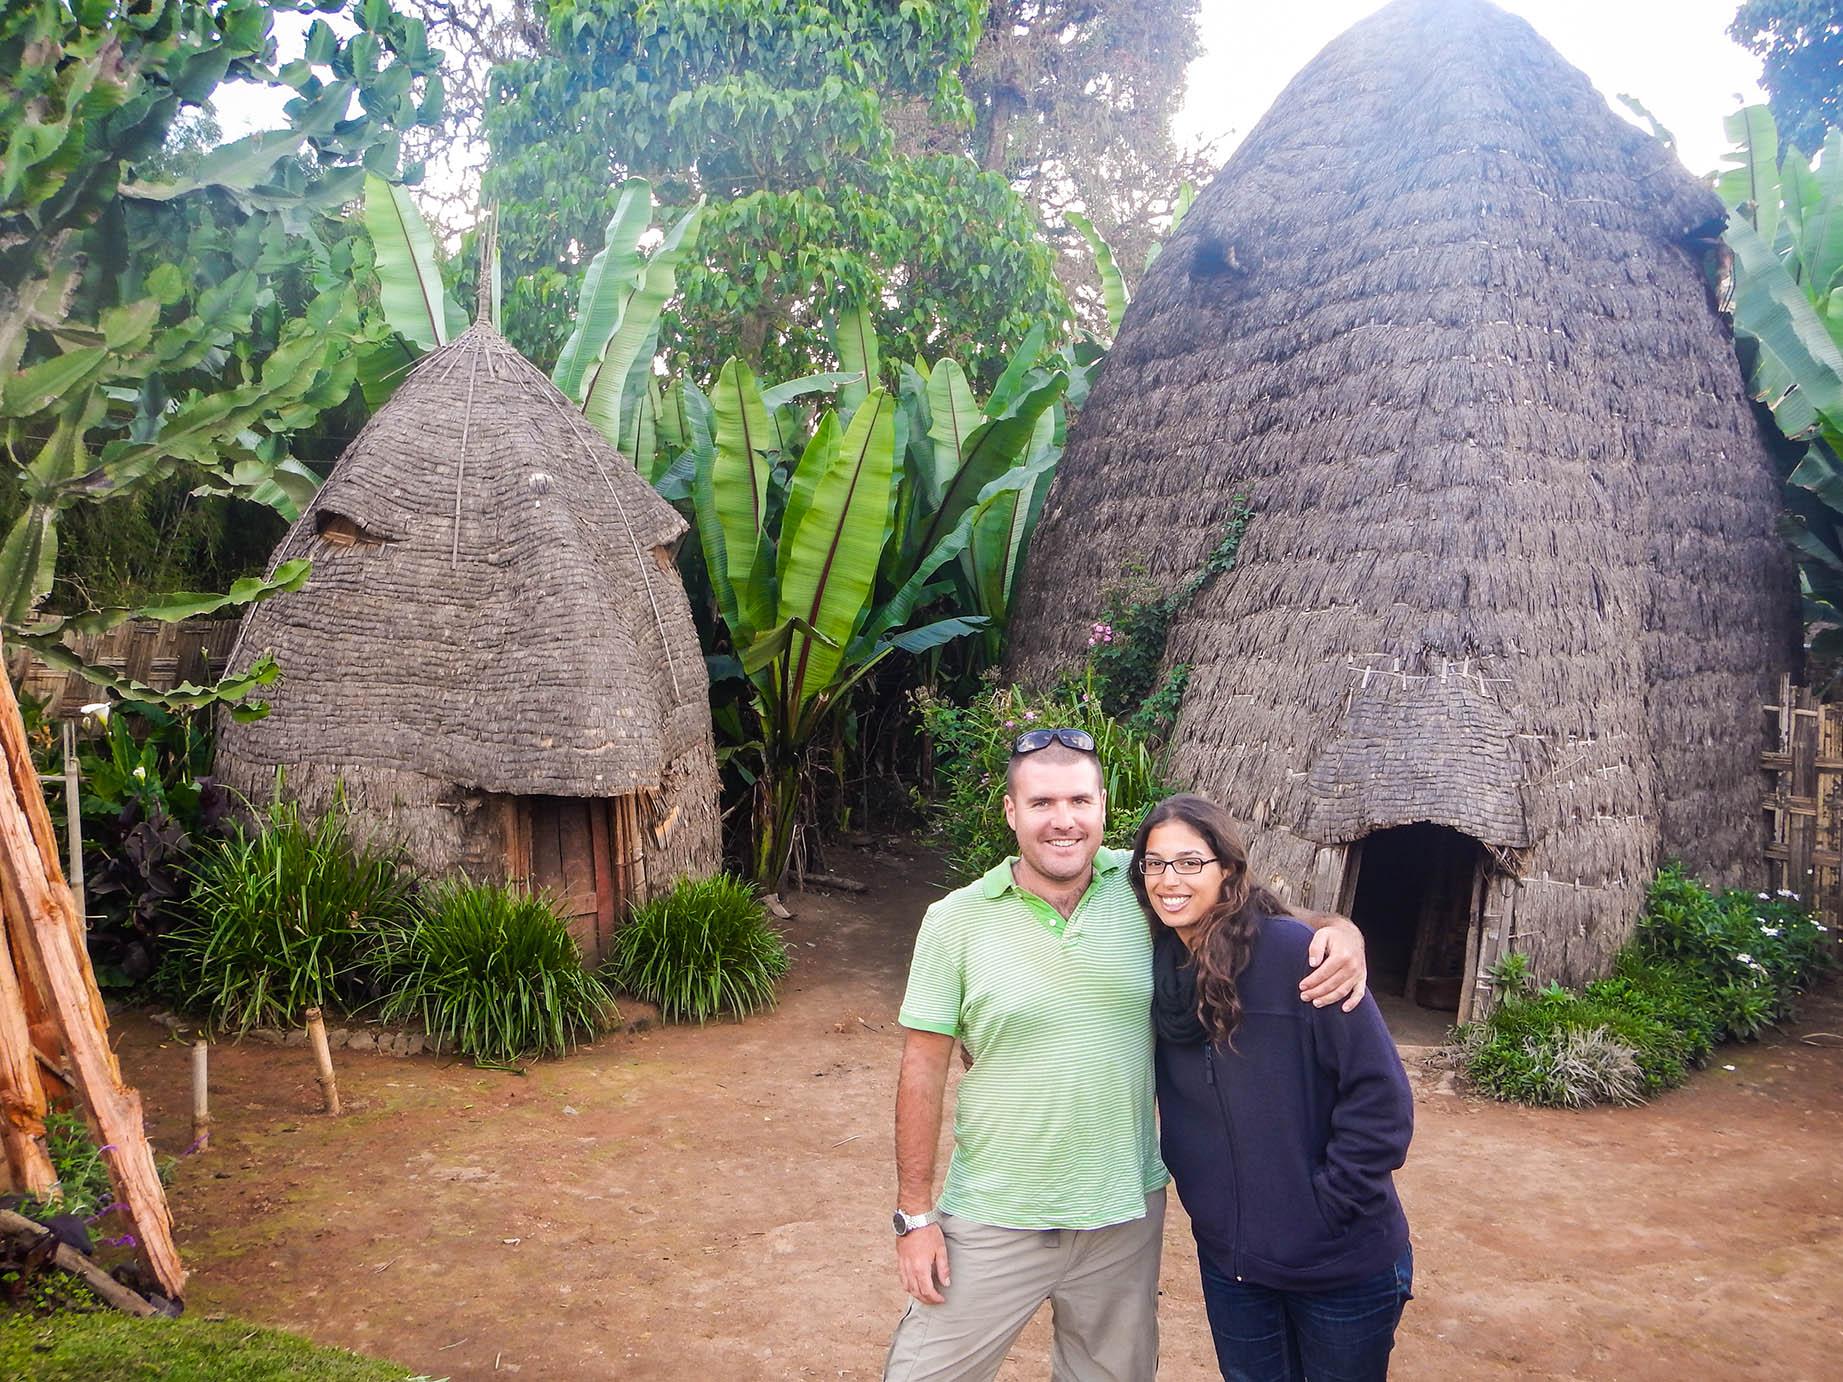 בתים של שבט הדורזה